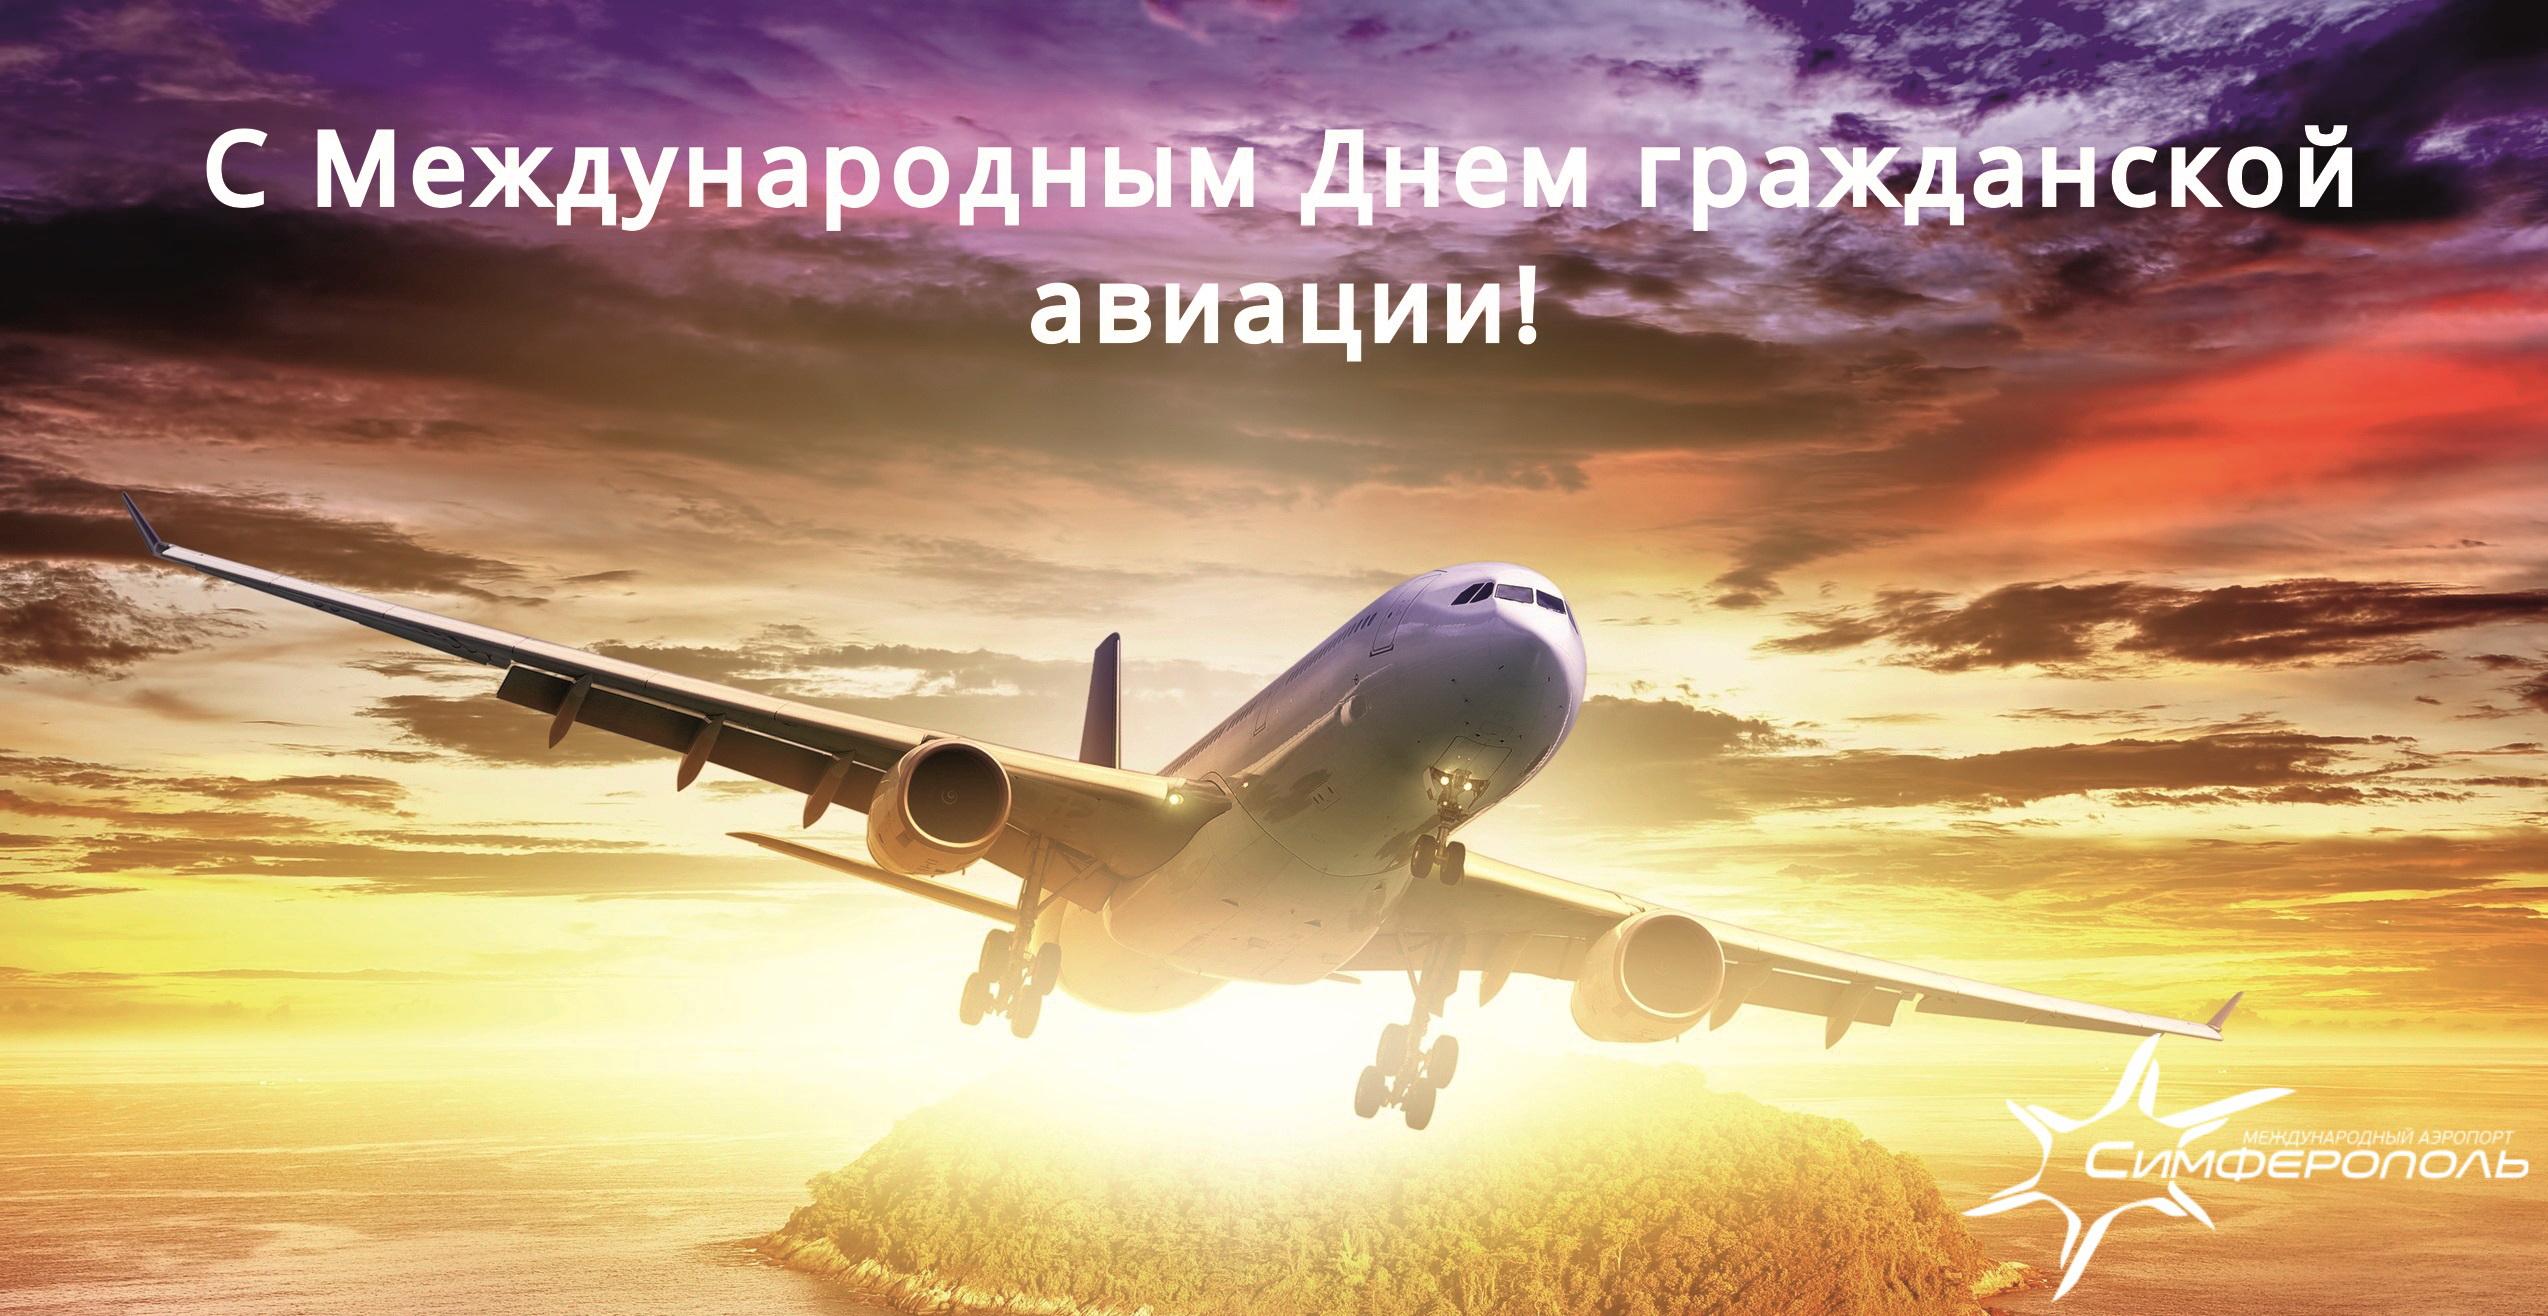 Гражданская авиация. - ОТКРЫТКРАЗДНИКУ - Поздравления, картинки png 205